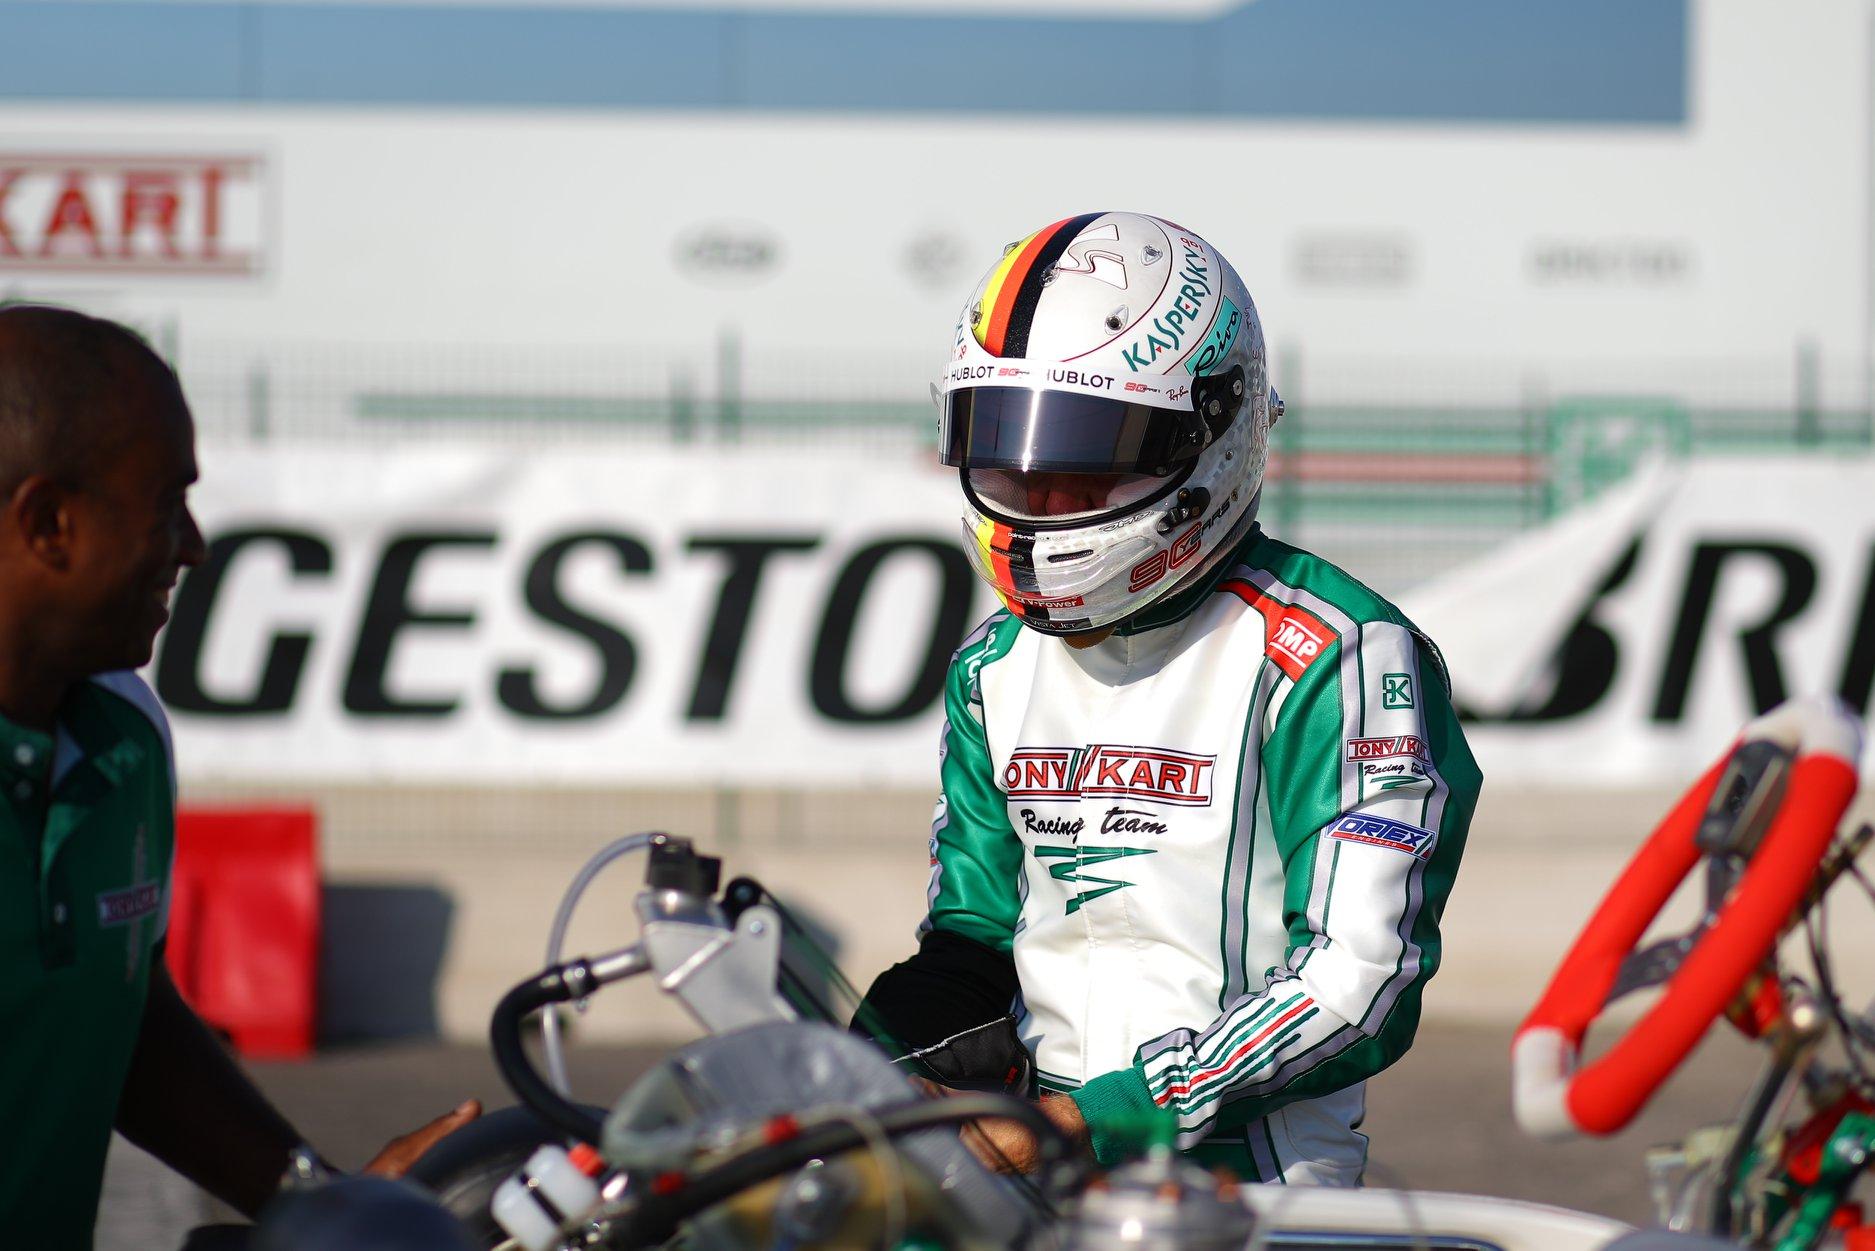 Sebastian_Vettel_testing_Tony_Kart_0025